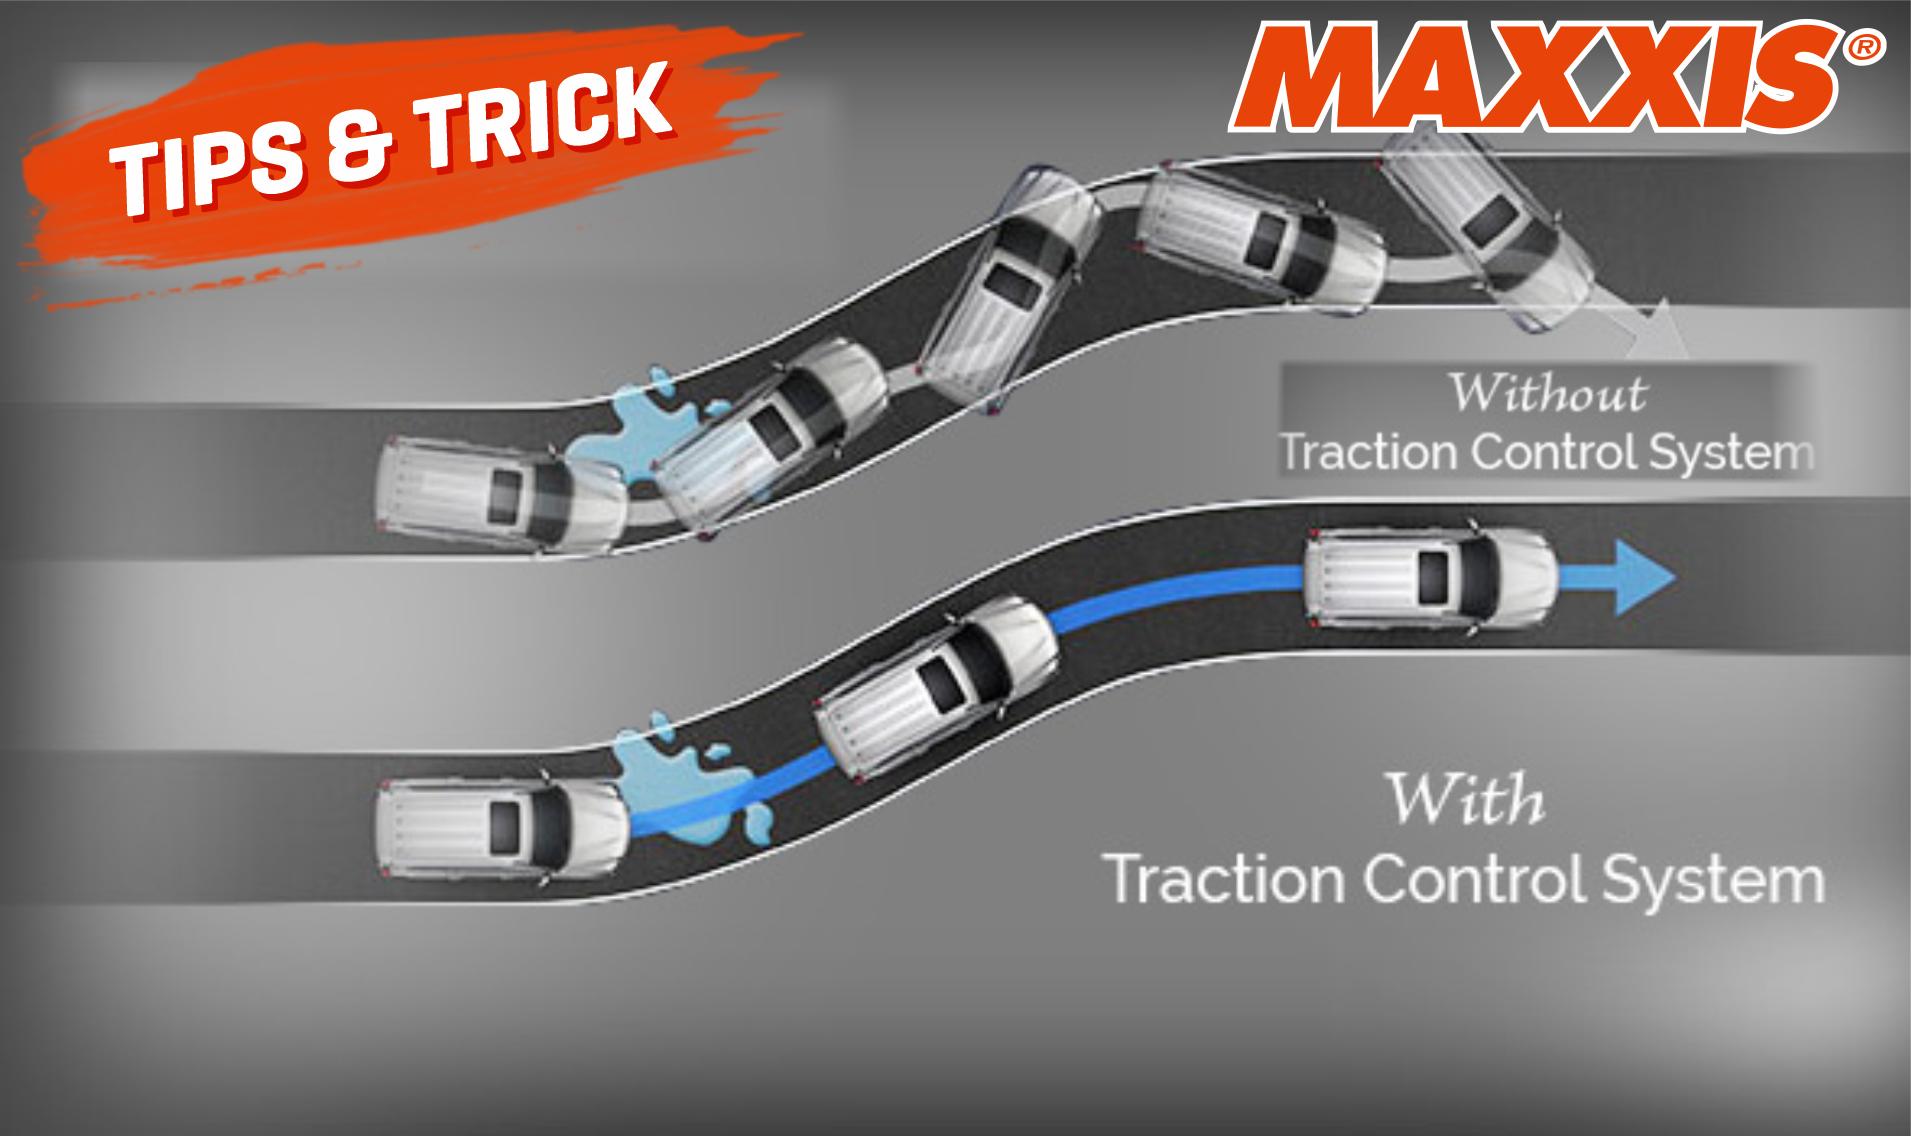 Kenali Fitur Traction Control System Demi Cegah Slip Saat Berkendara